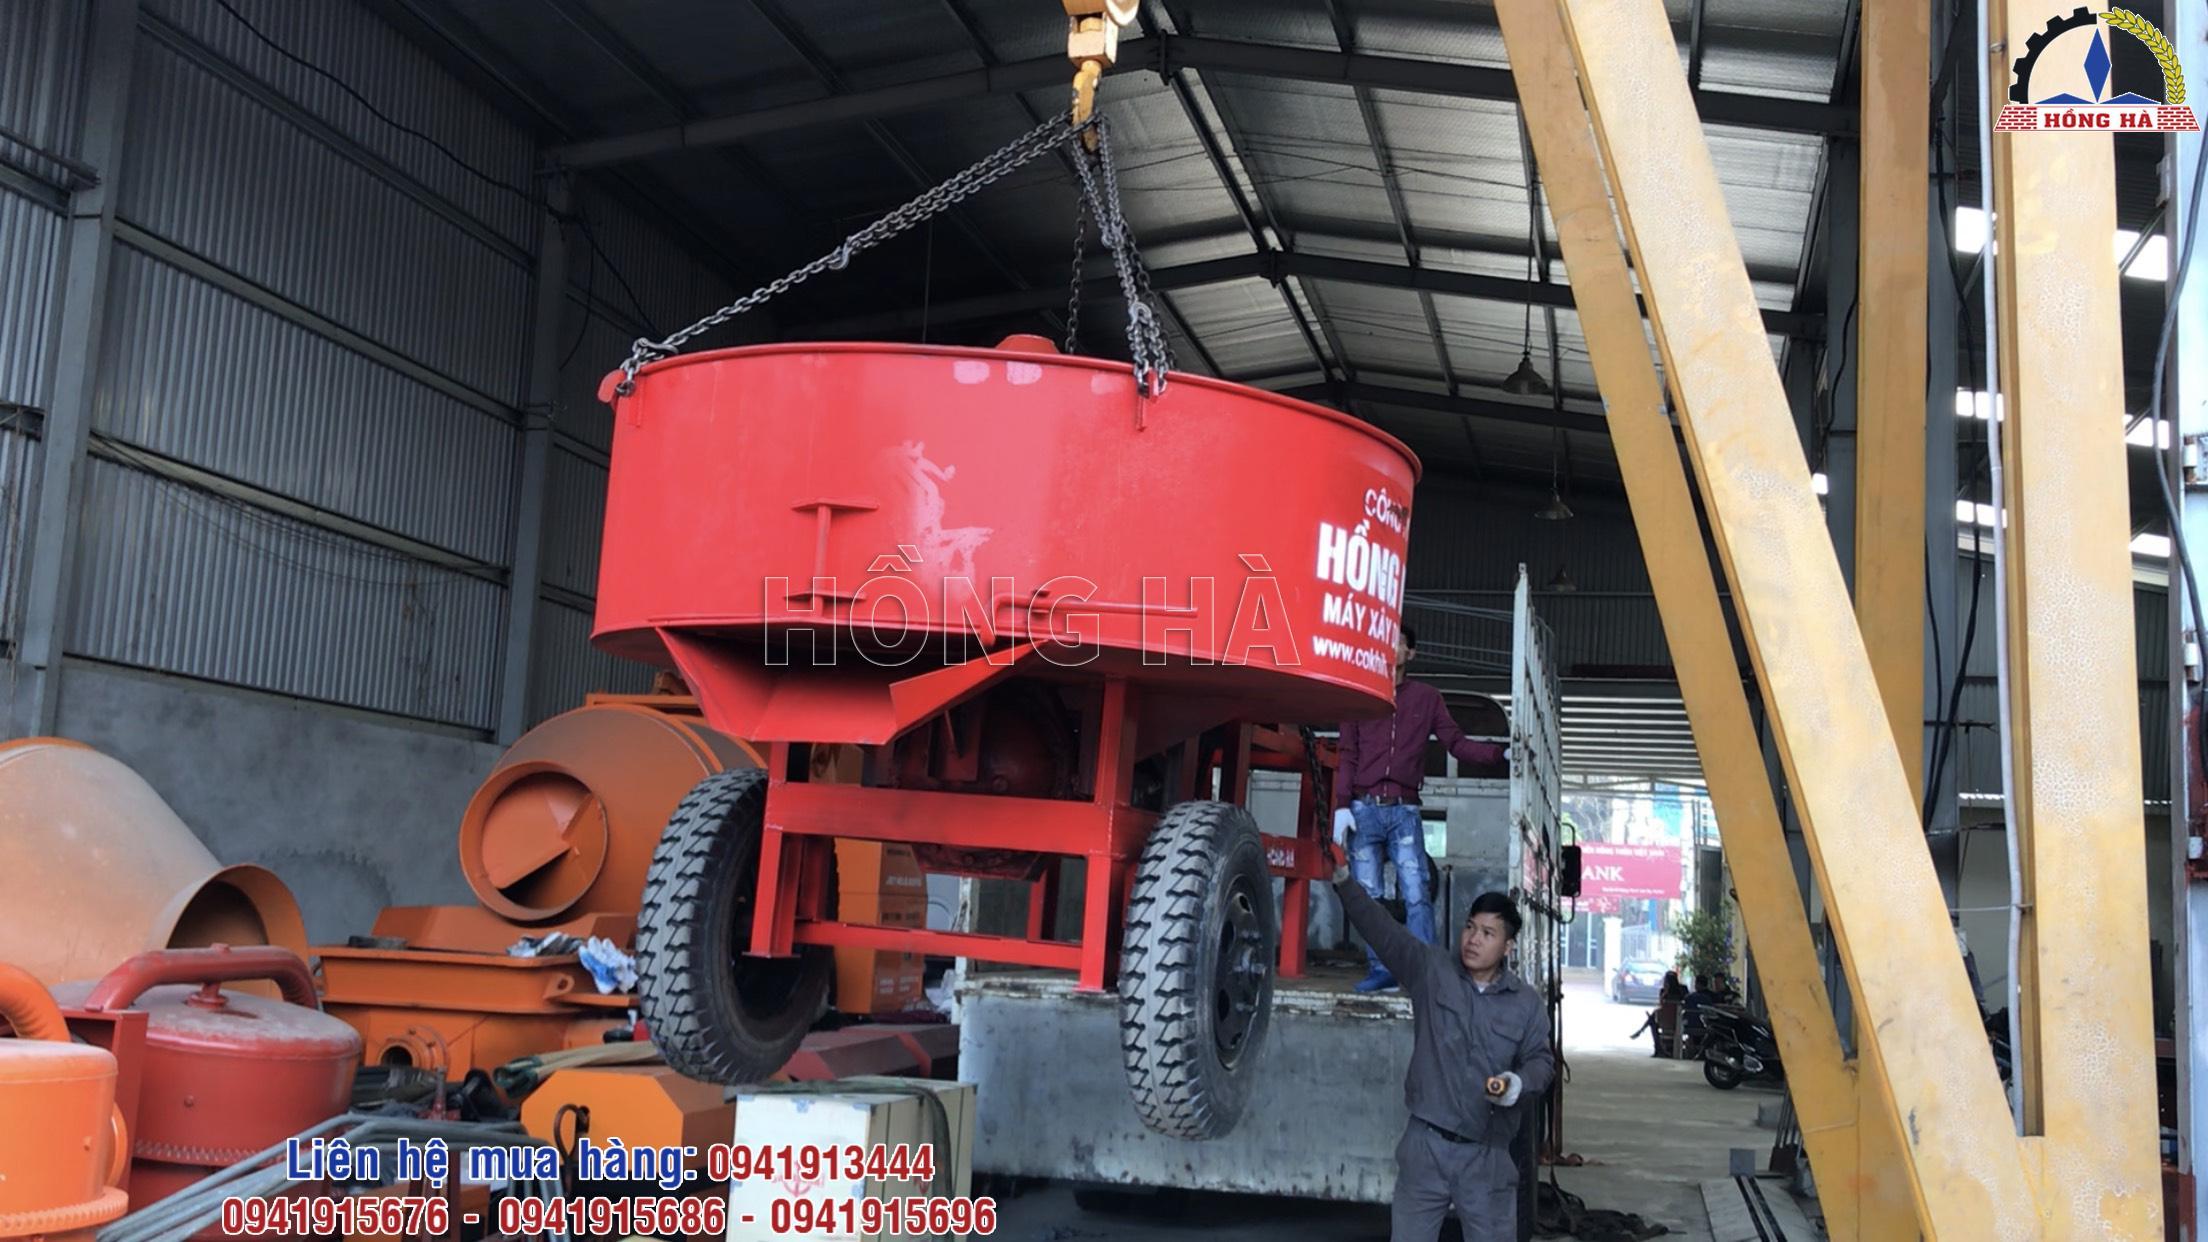 Khai xuân chuyến hàng đầu tiên với máy trộn bê tông cưỡng bức Hồng Hà đi Ninh Bình